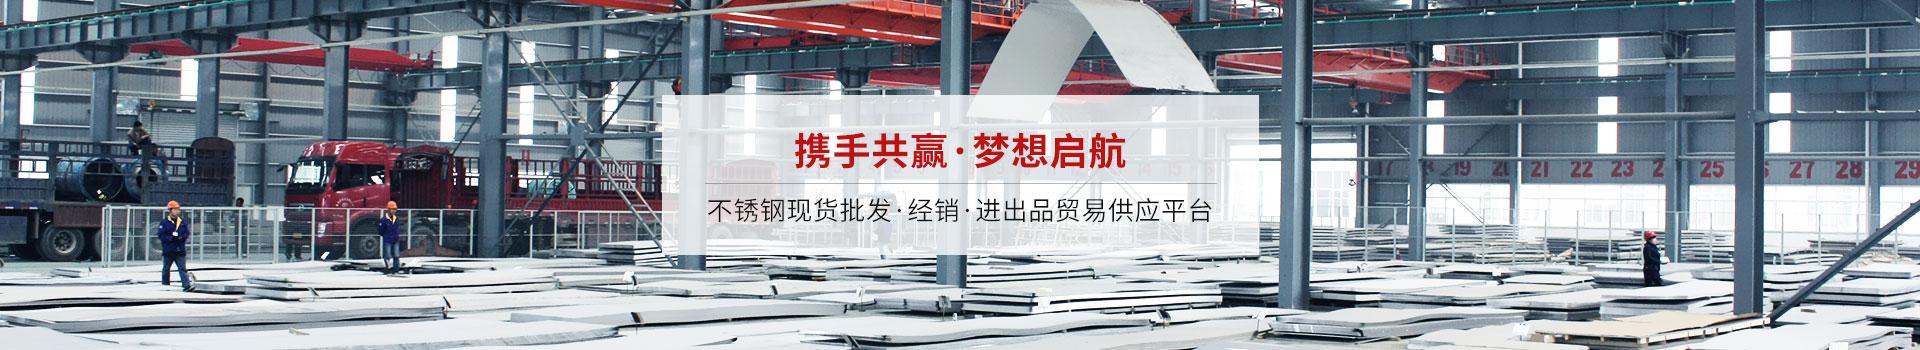 梦想不锈钢-不锈钢现货批发/经销/进出品贸易供应平台